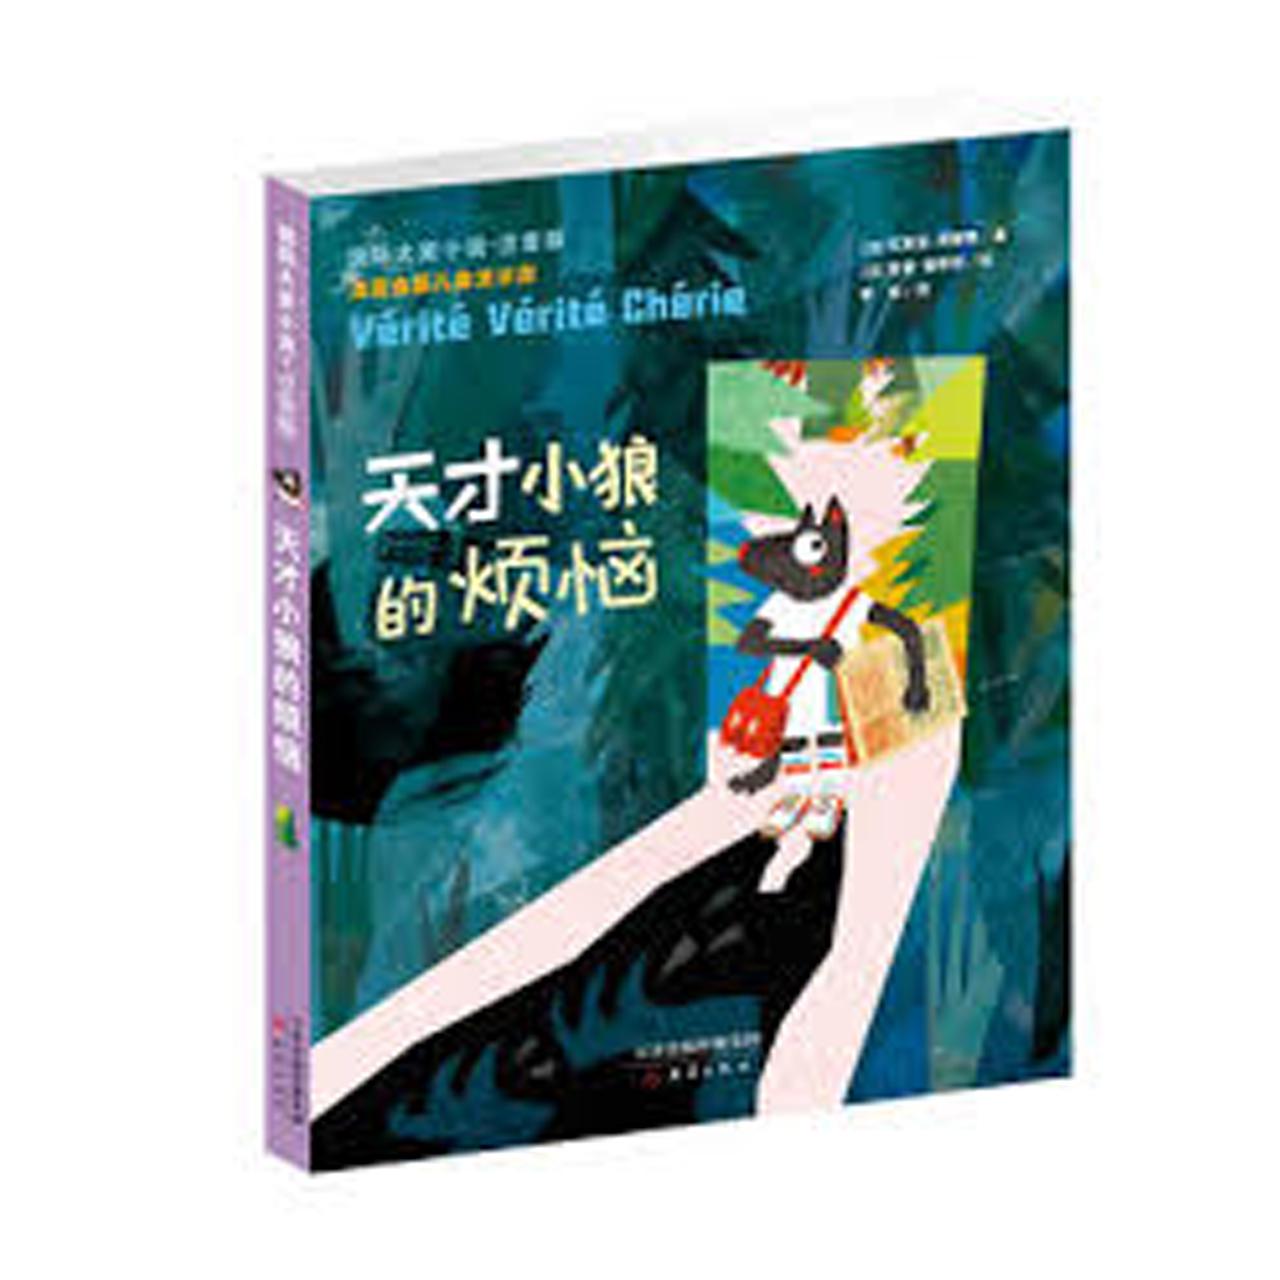 国际大奖小说:天才小狼的烦恼【儿童小说/青少年读物/翻译小说】